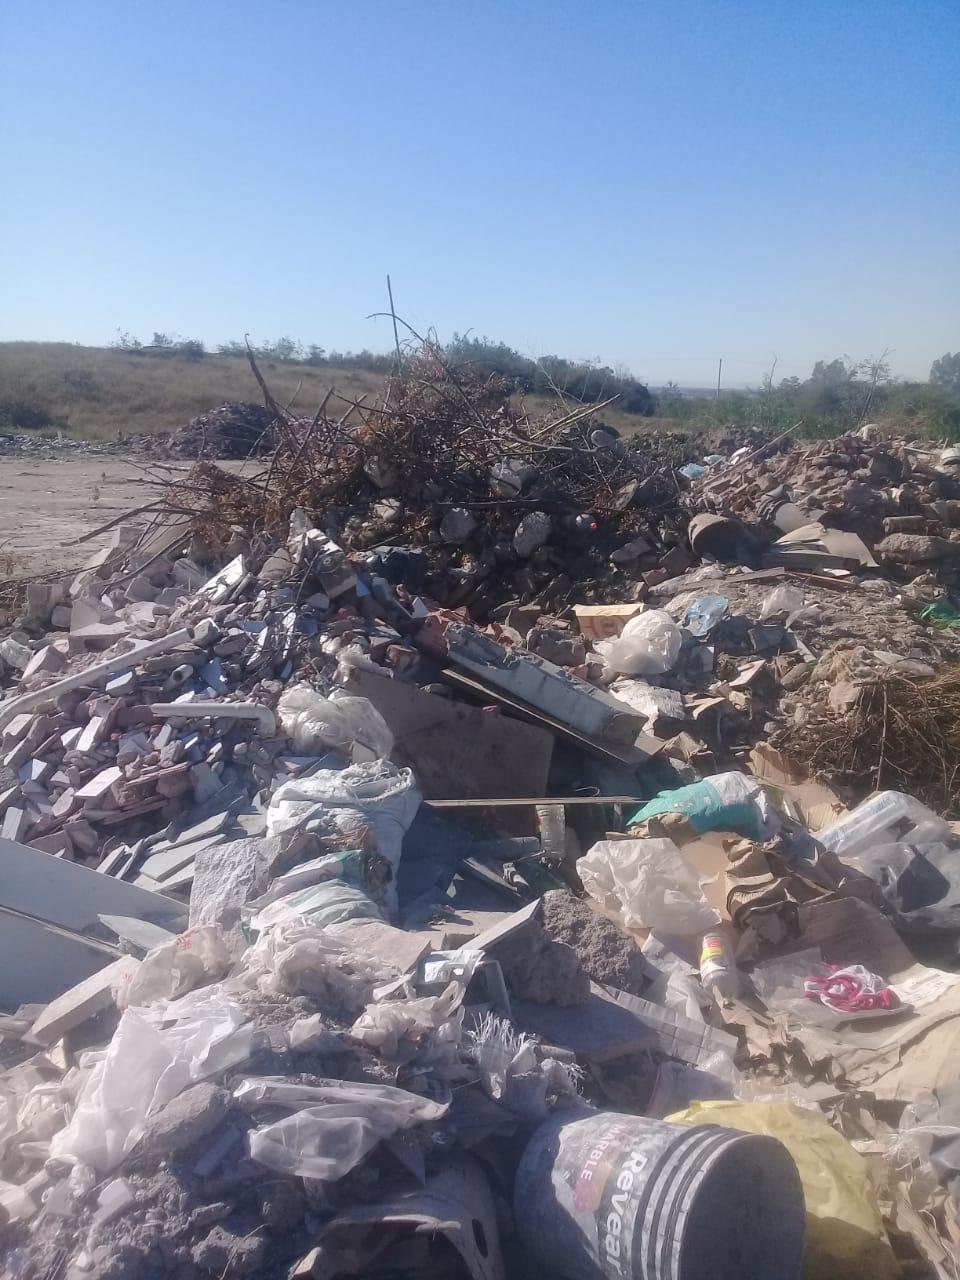 Los residuos siguen arrojándose impunemente en el predio.